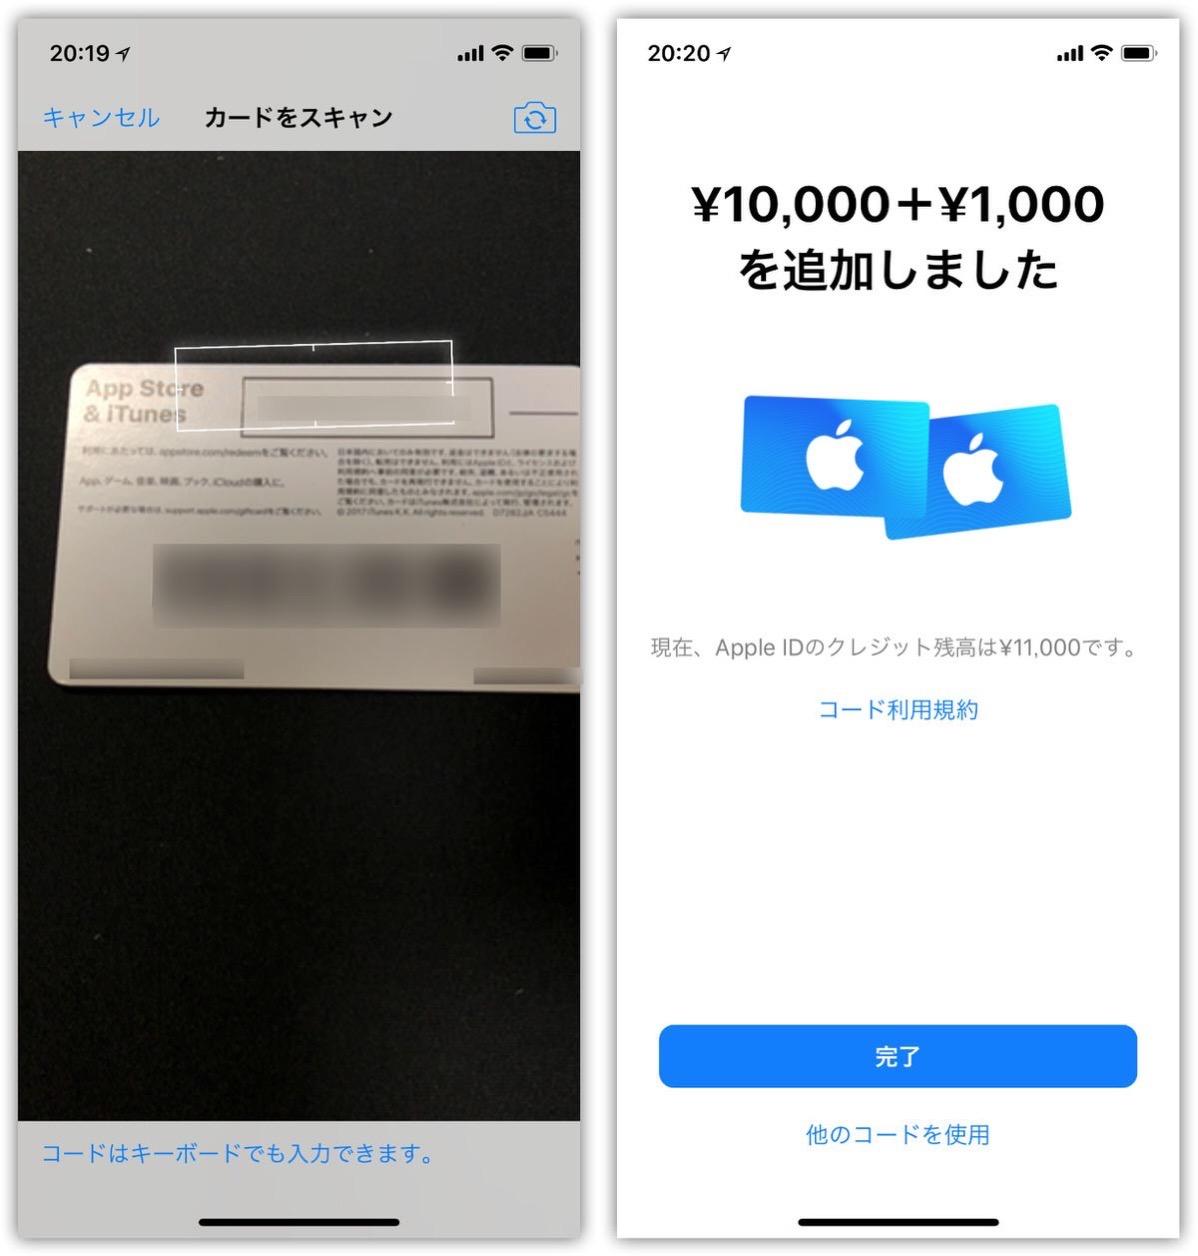 AppStore & iTunes-4